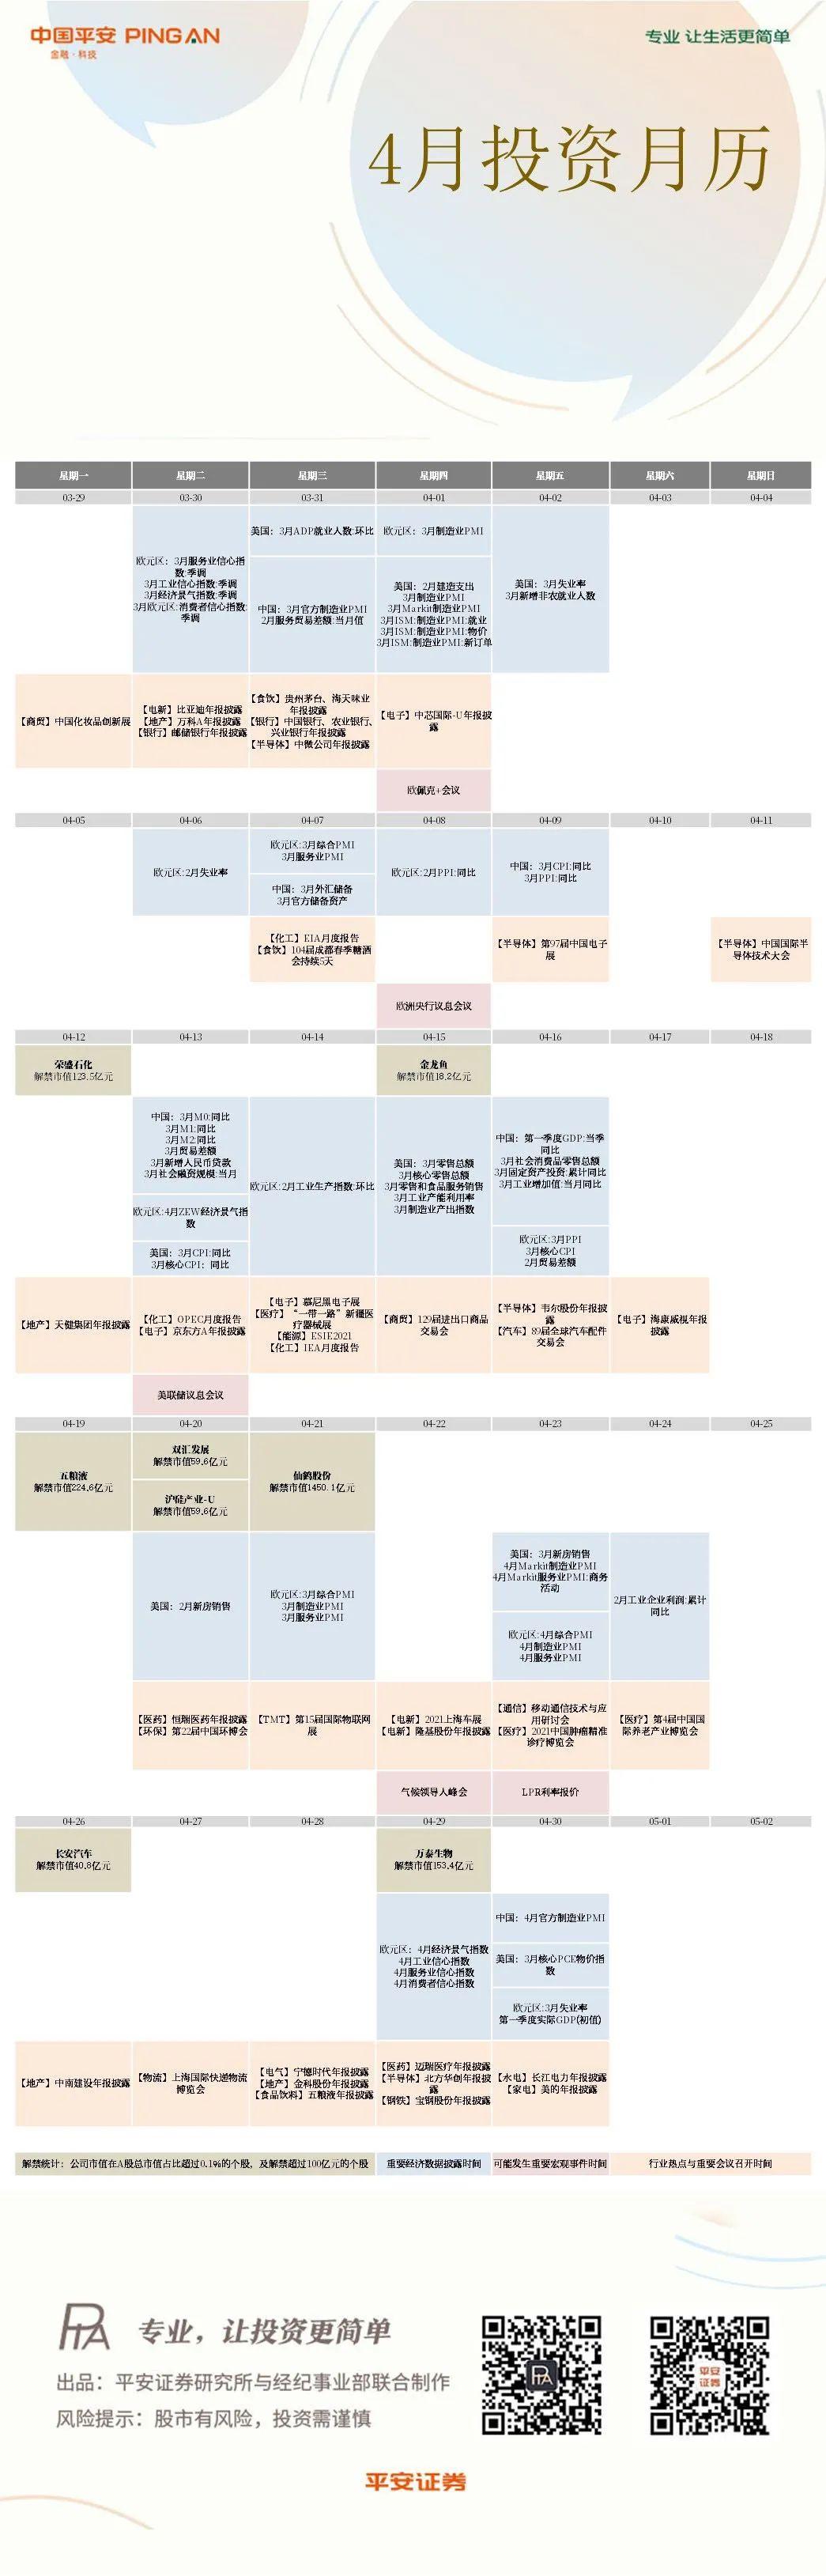 【平安证券】4月投资月历